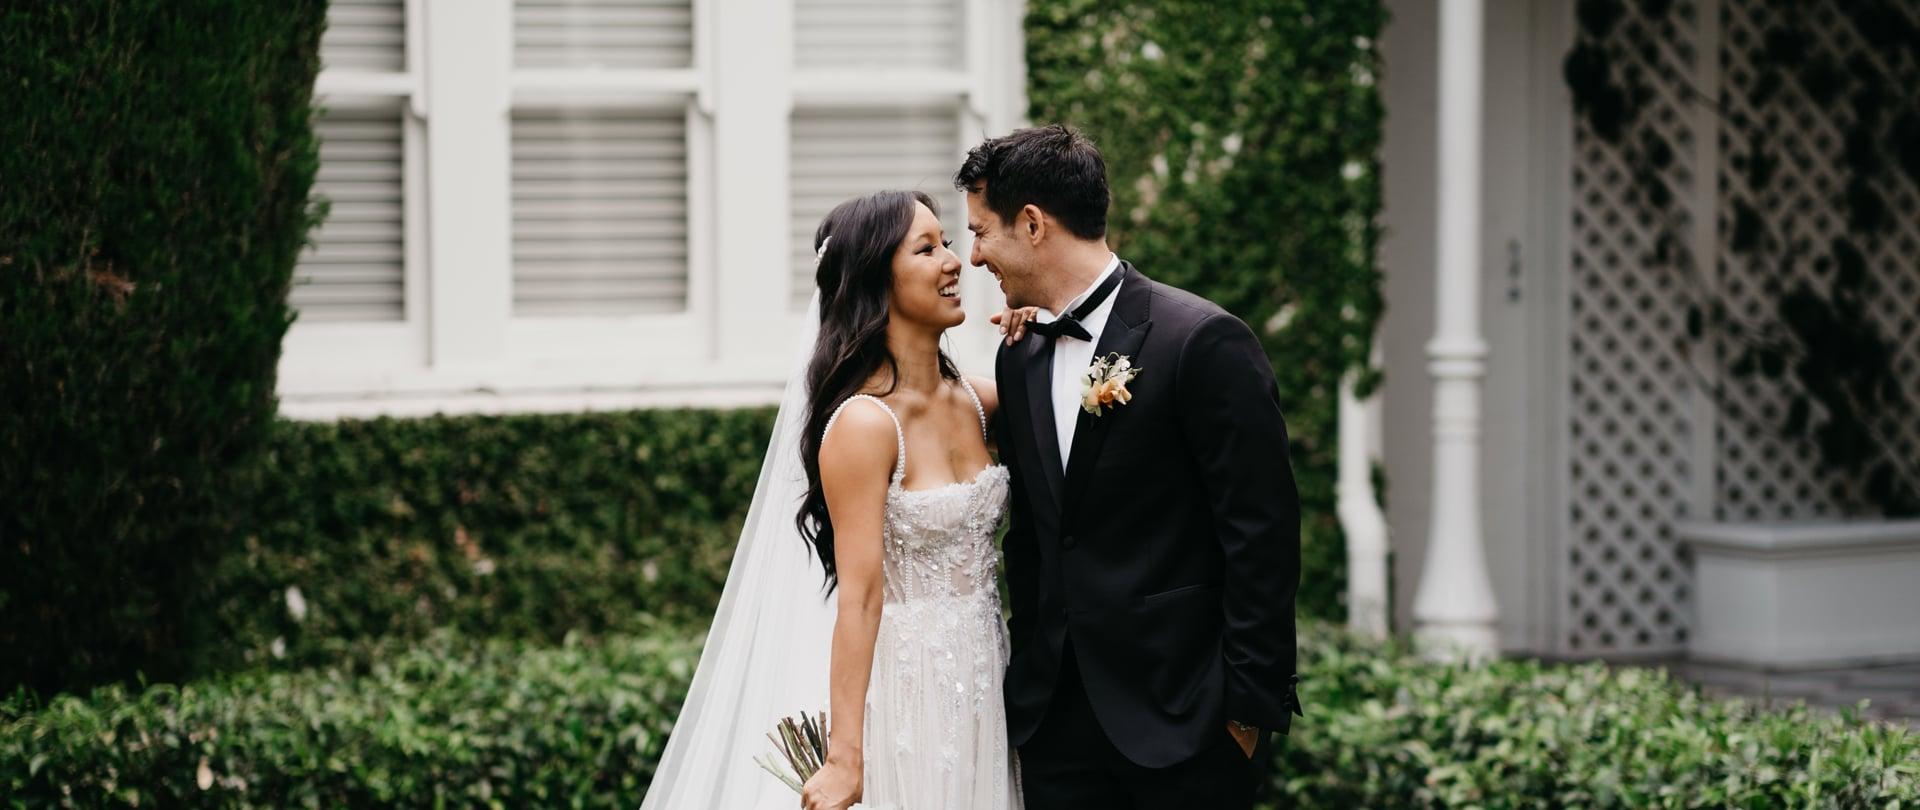 Sarah & Nic Wedding Video Filmed at Melbourne, Victoria